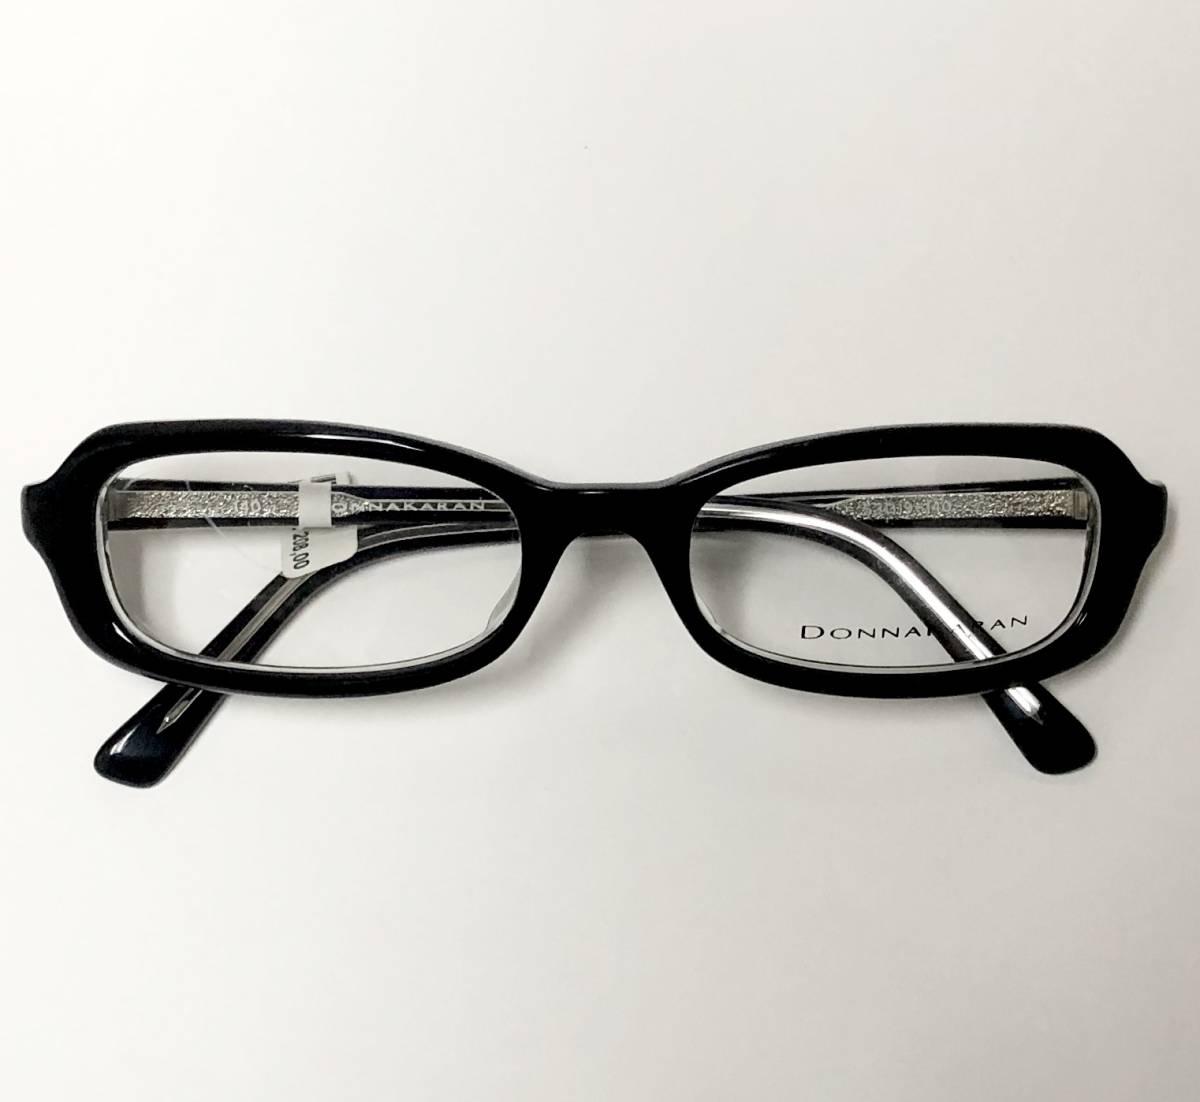 ダナキャラン 正規新品 日本製メガネ 米国ブランド Donna Karan_画像9